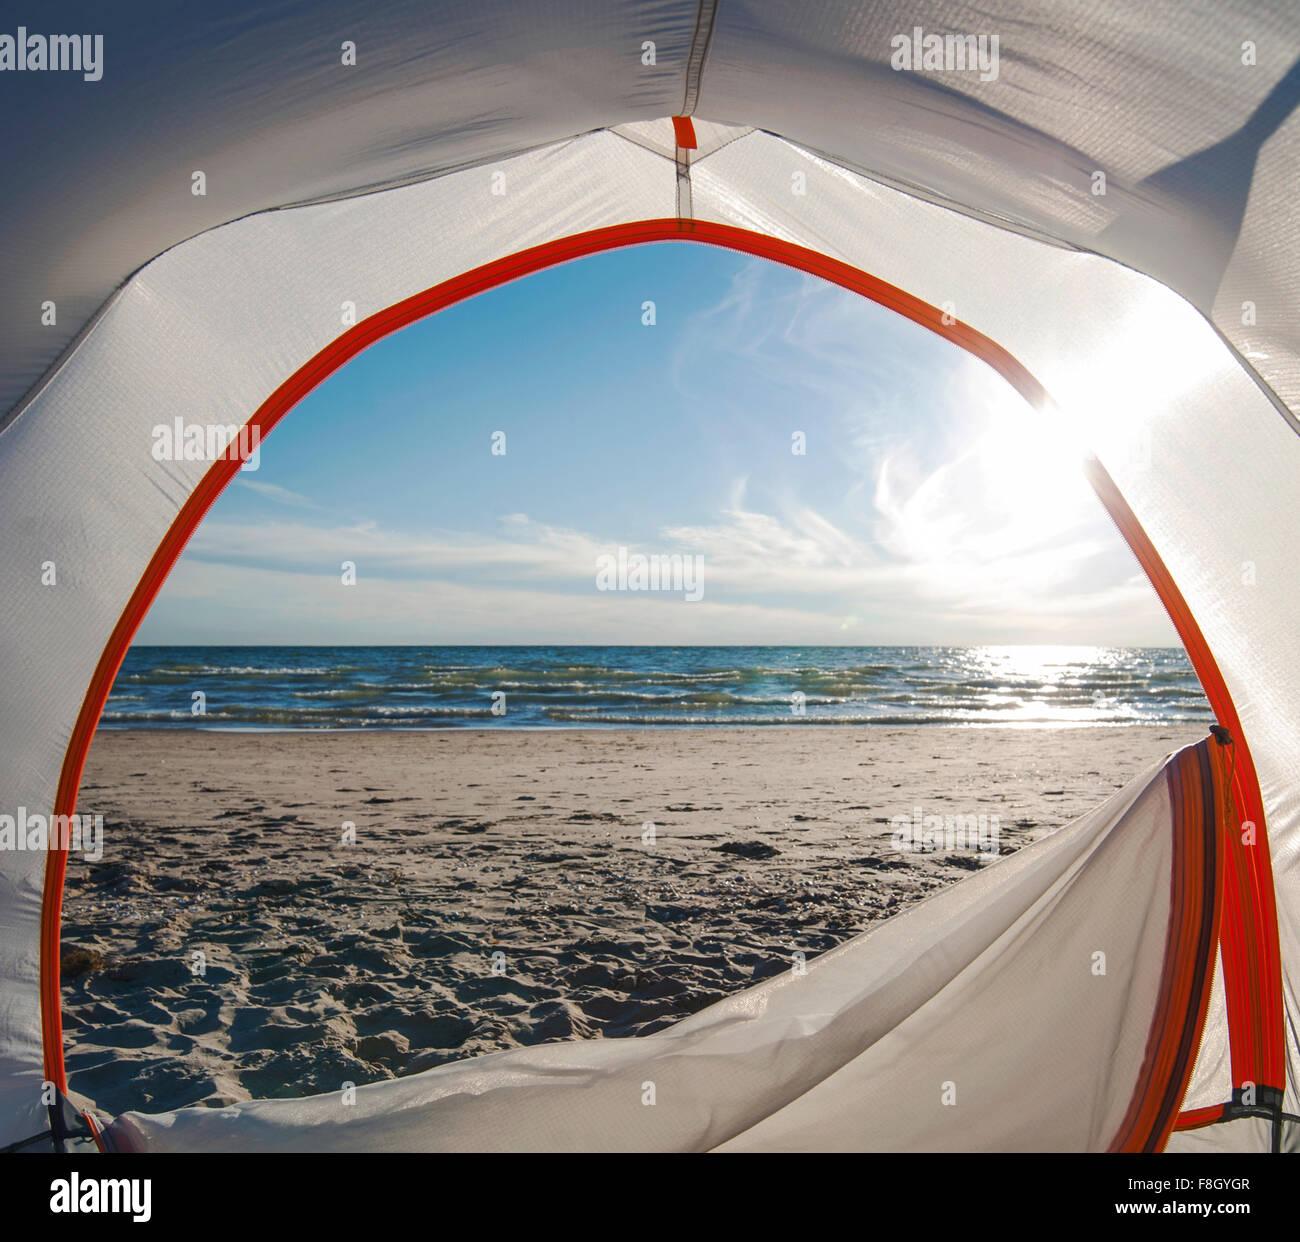 Zelttür öffnen camping am Strand Stockbild